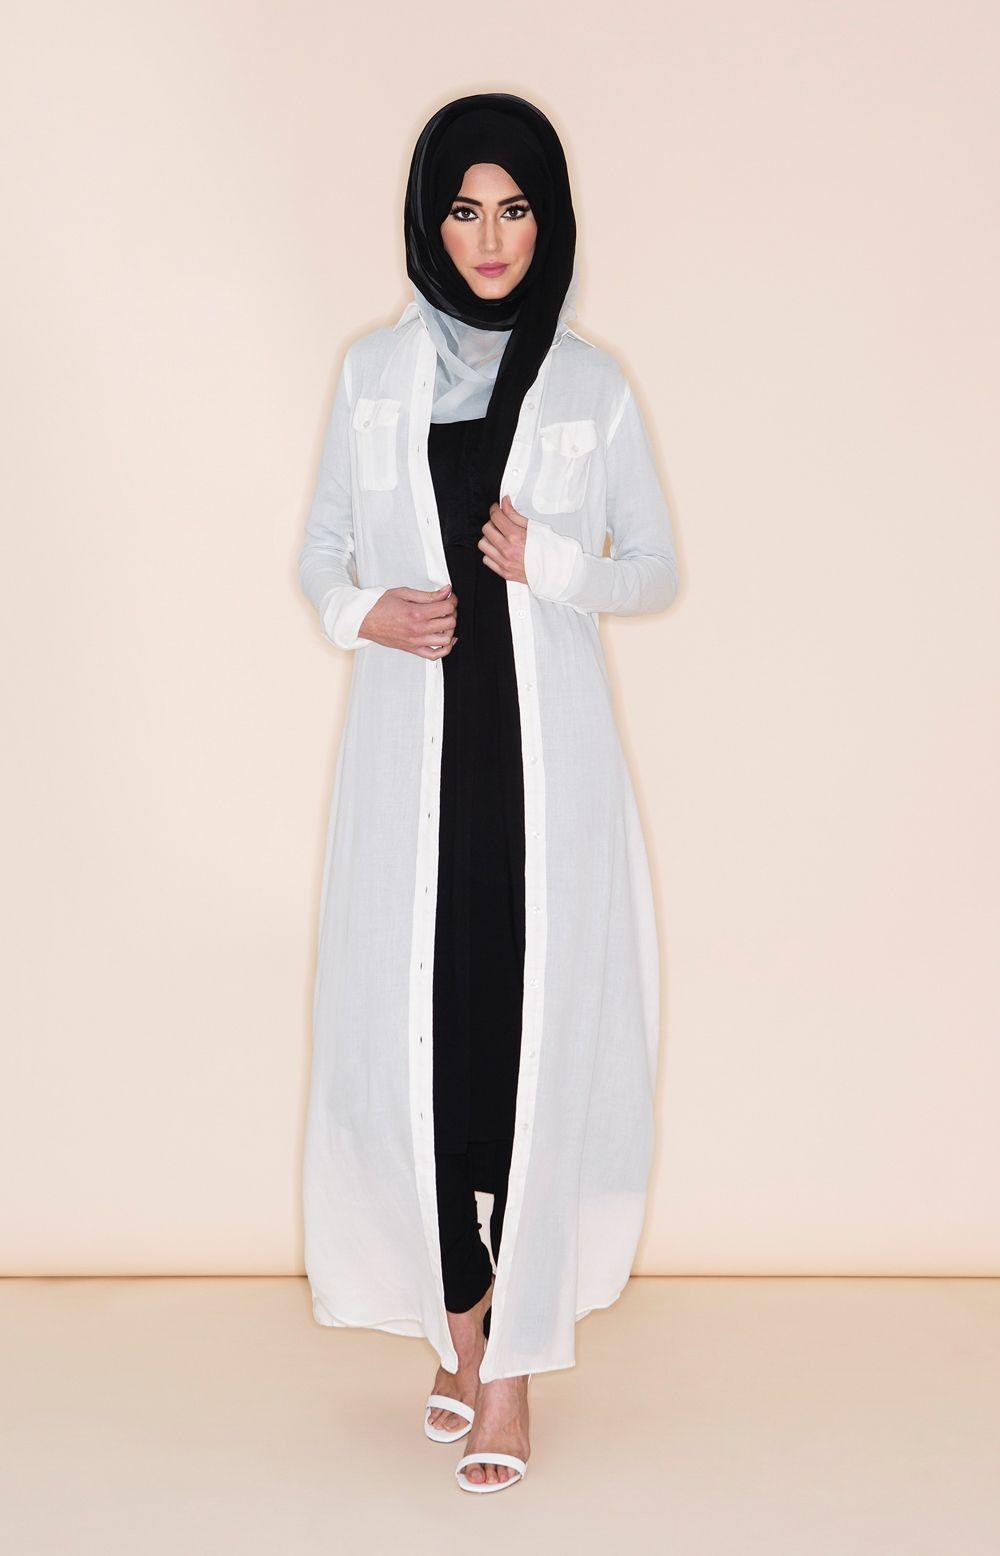 Long Shirt White Hijab New Light Hijab Fashion Dresses Hijab